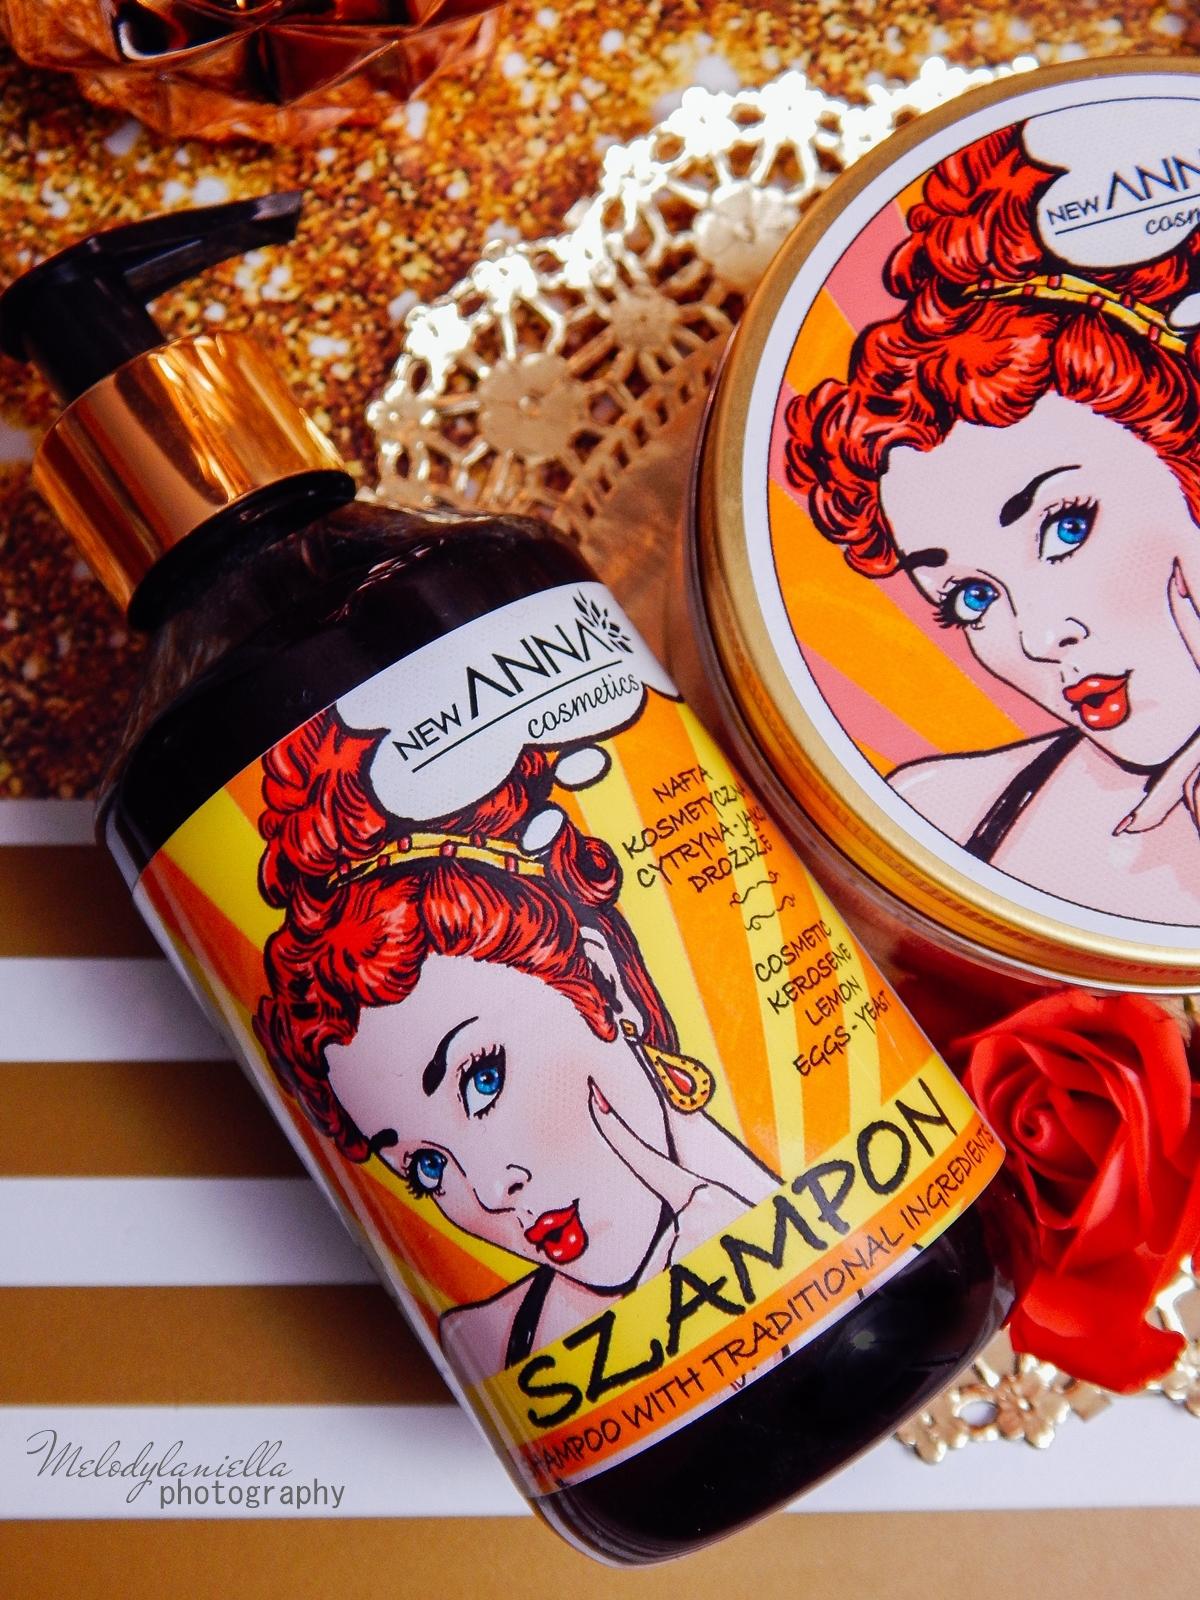 7 new anna cosmetics szampon z naftą kosmetyczną cytryną jajkiem i drożdżami maska do włosów z naftą kosmetyczną opinie recenzje szapon do włosow przetłuszczających się maska do włosów tłustych odrzywka-2